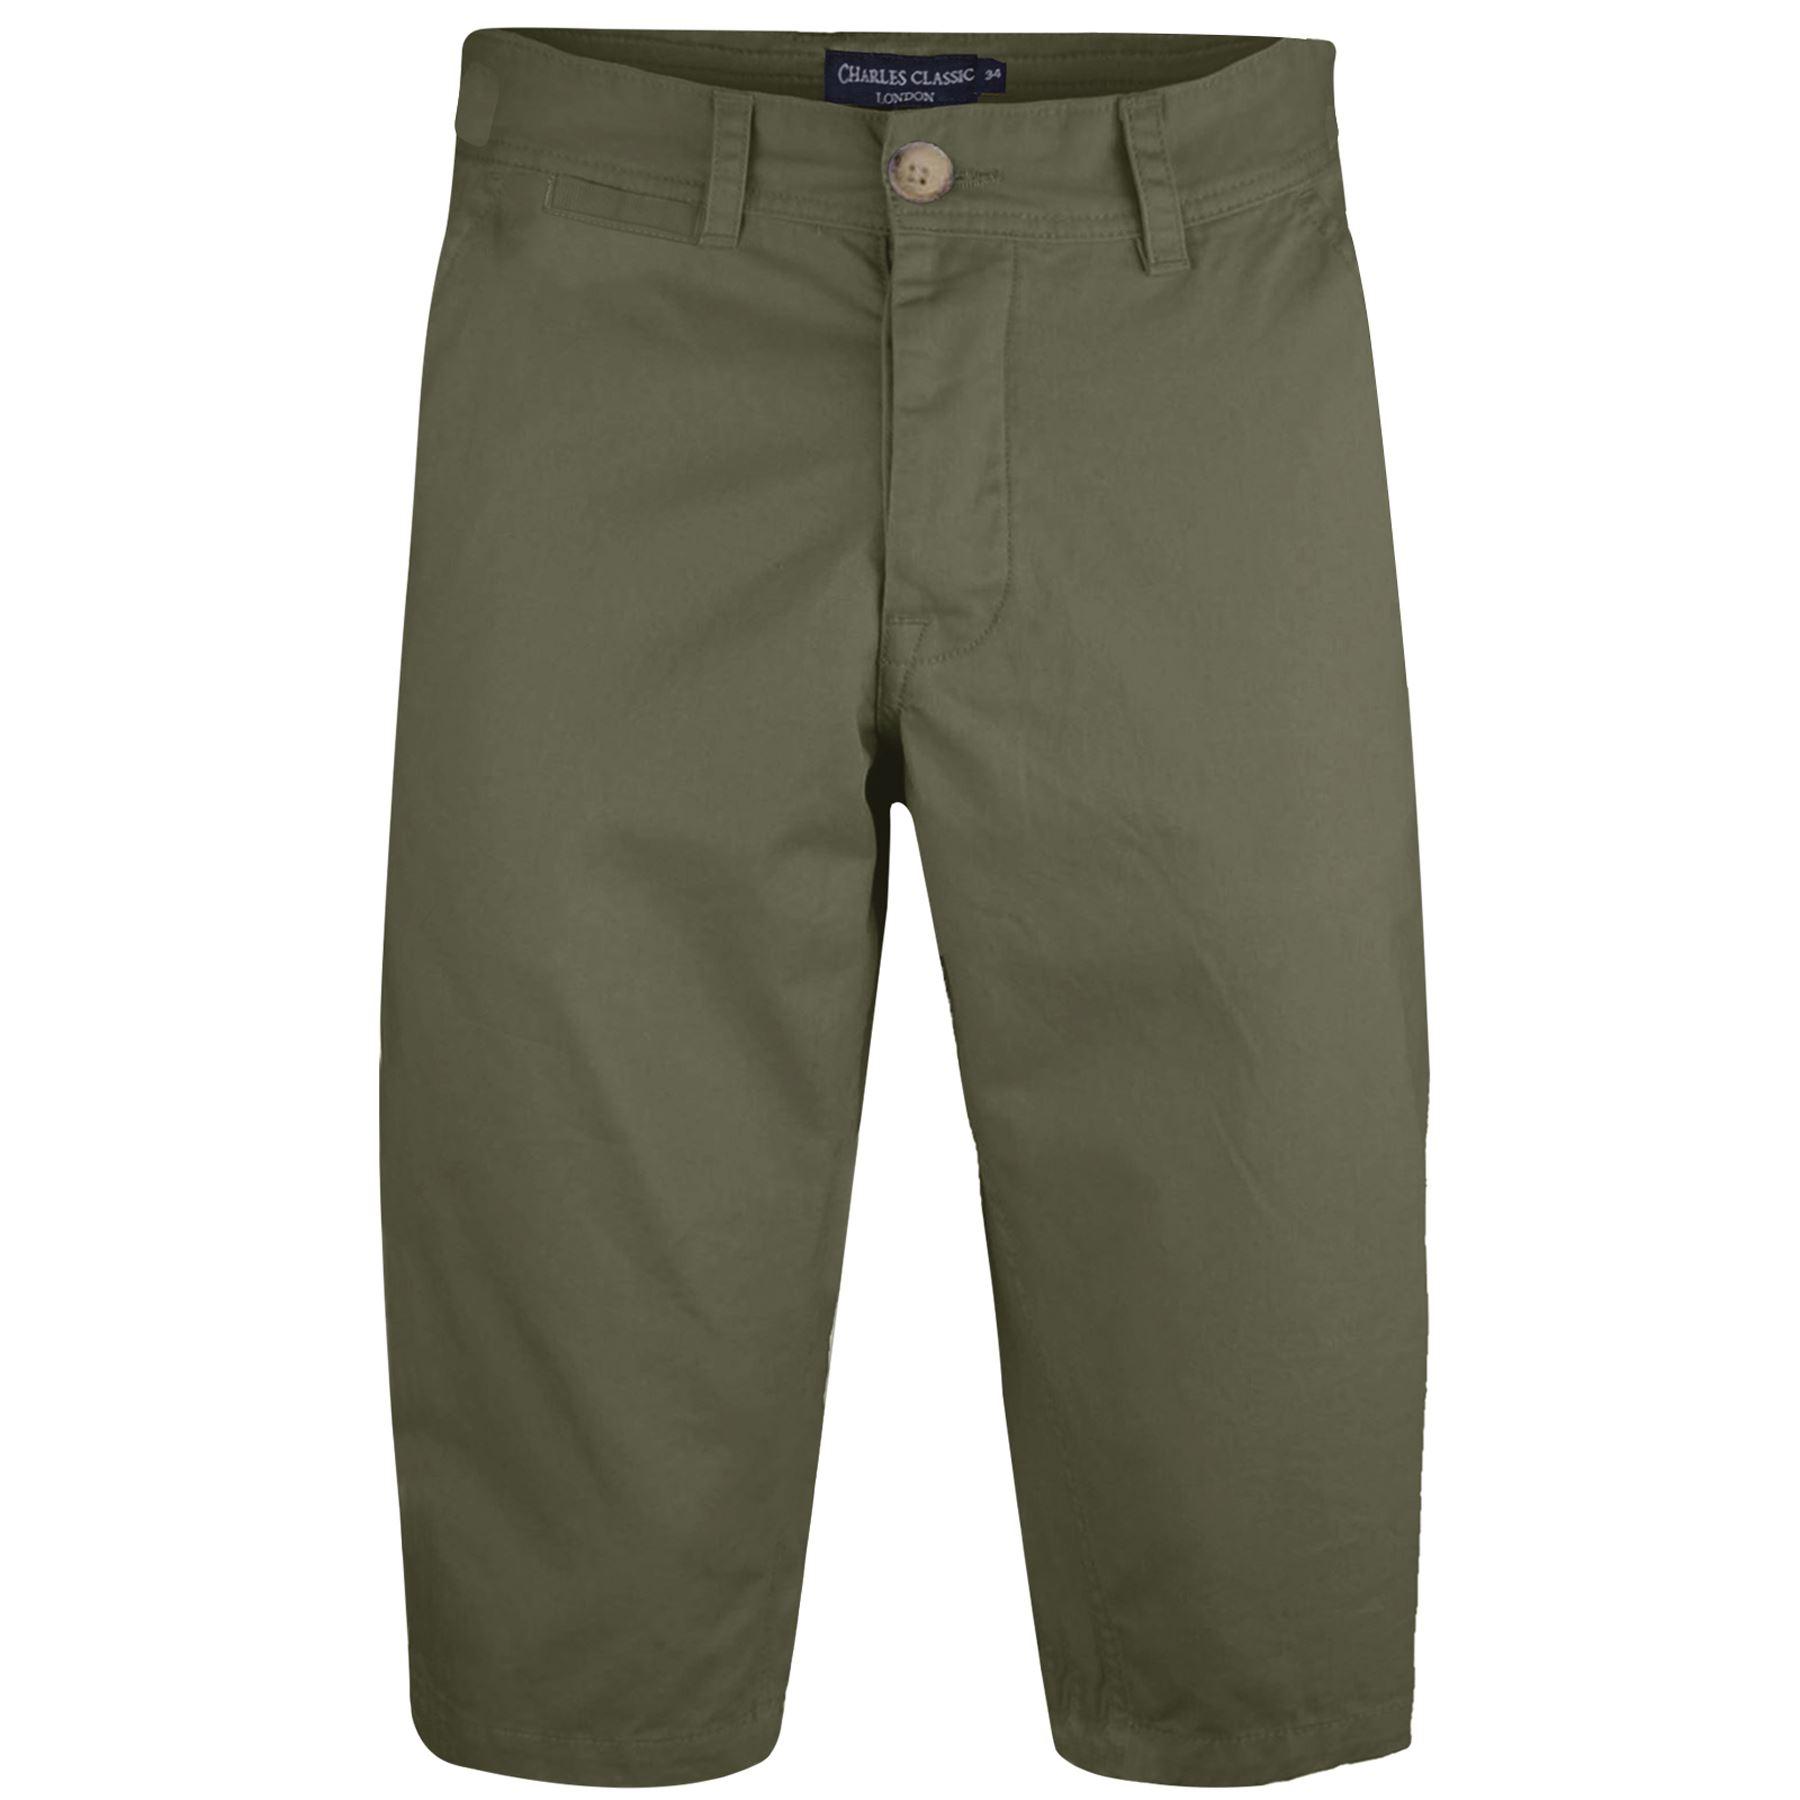 Mens Kangol Casual Knee Length Long 3/4 Chino Summer Shorts Bottoms ...